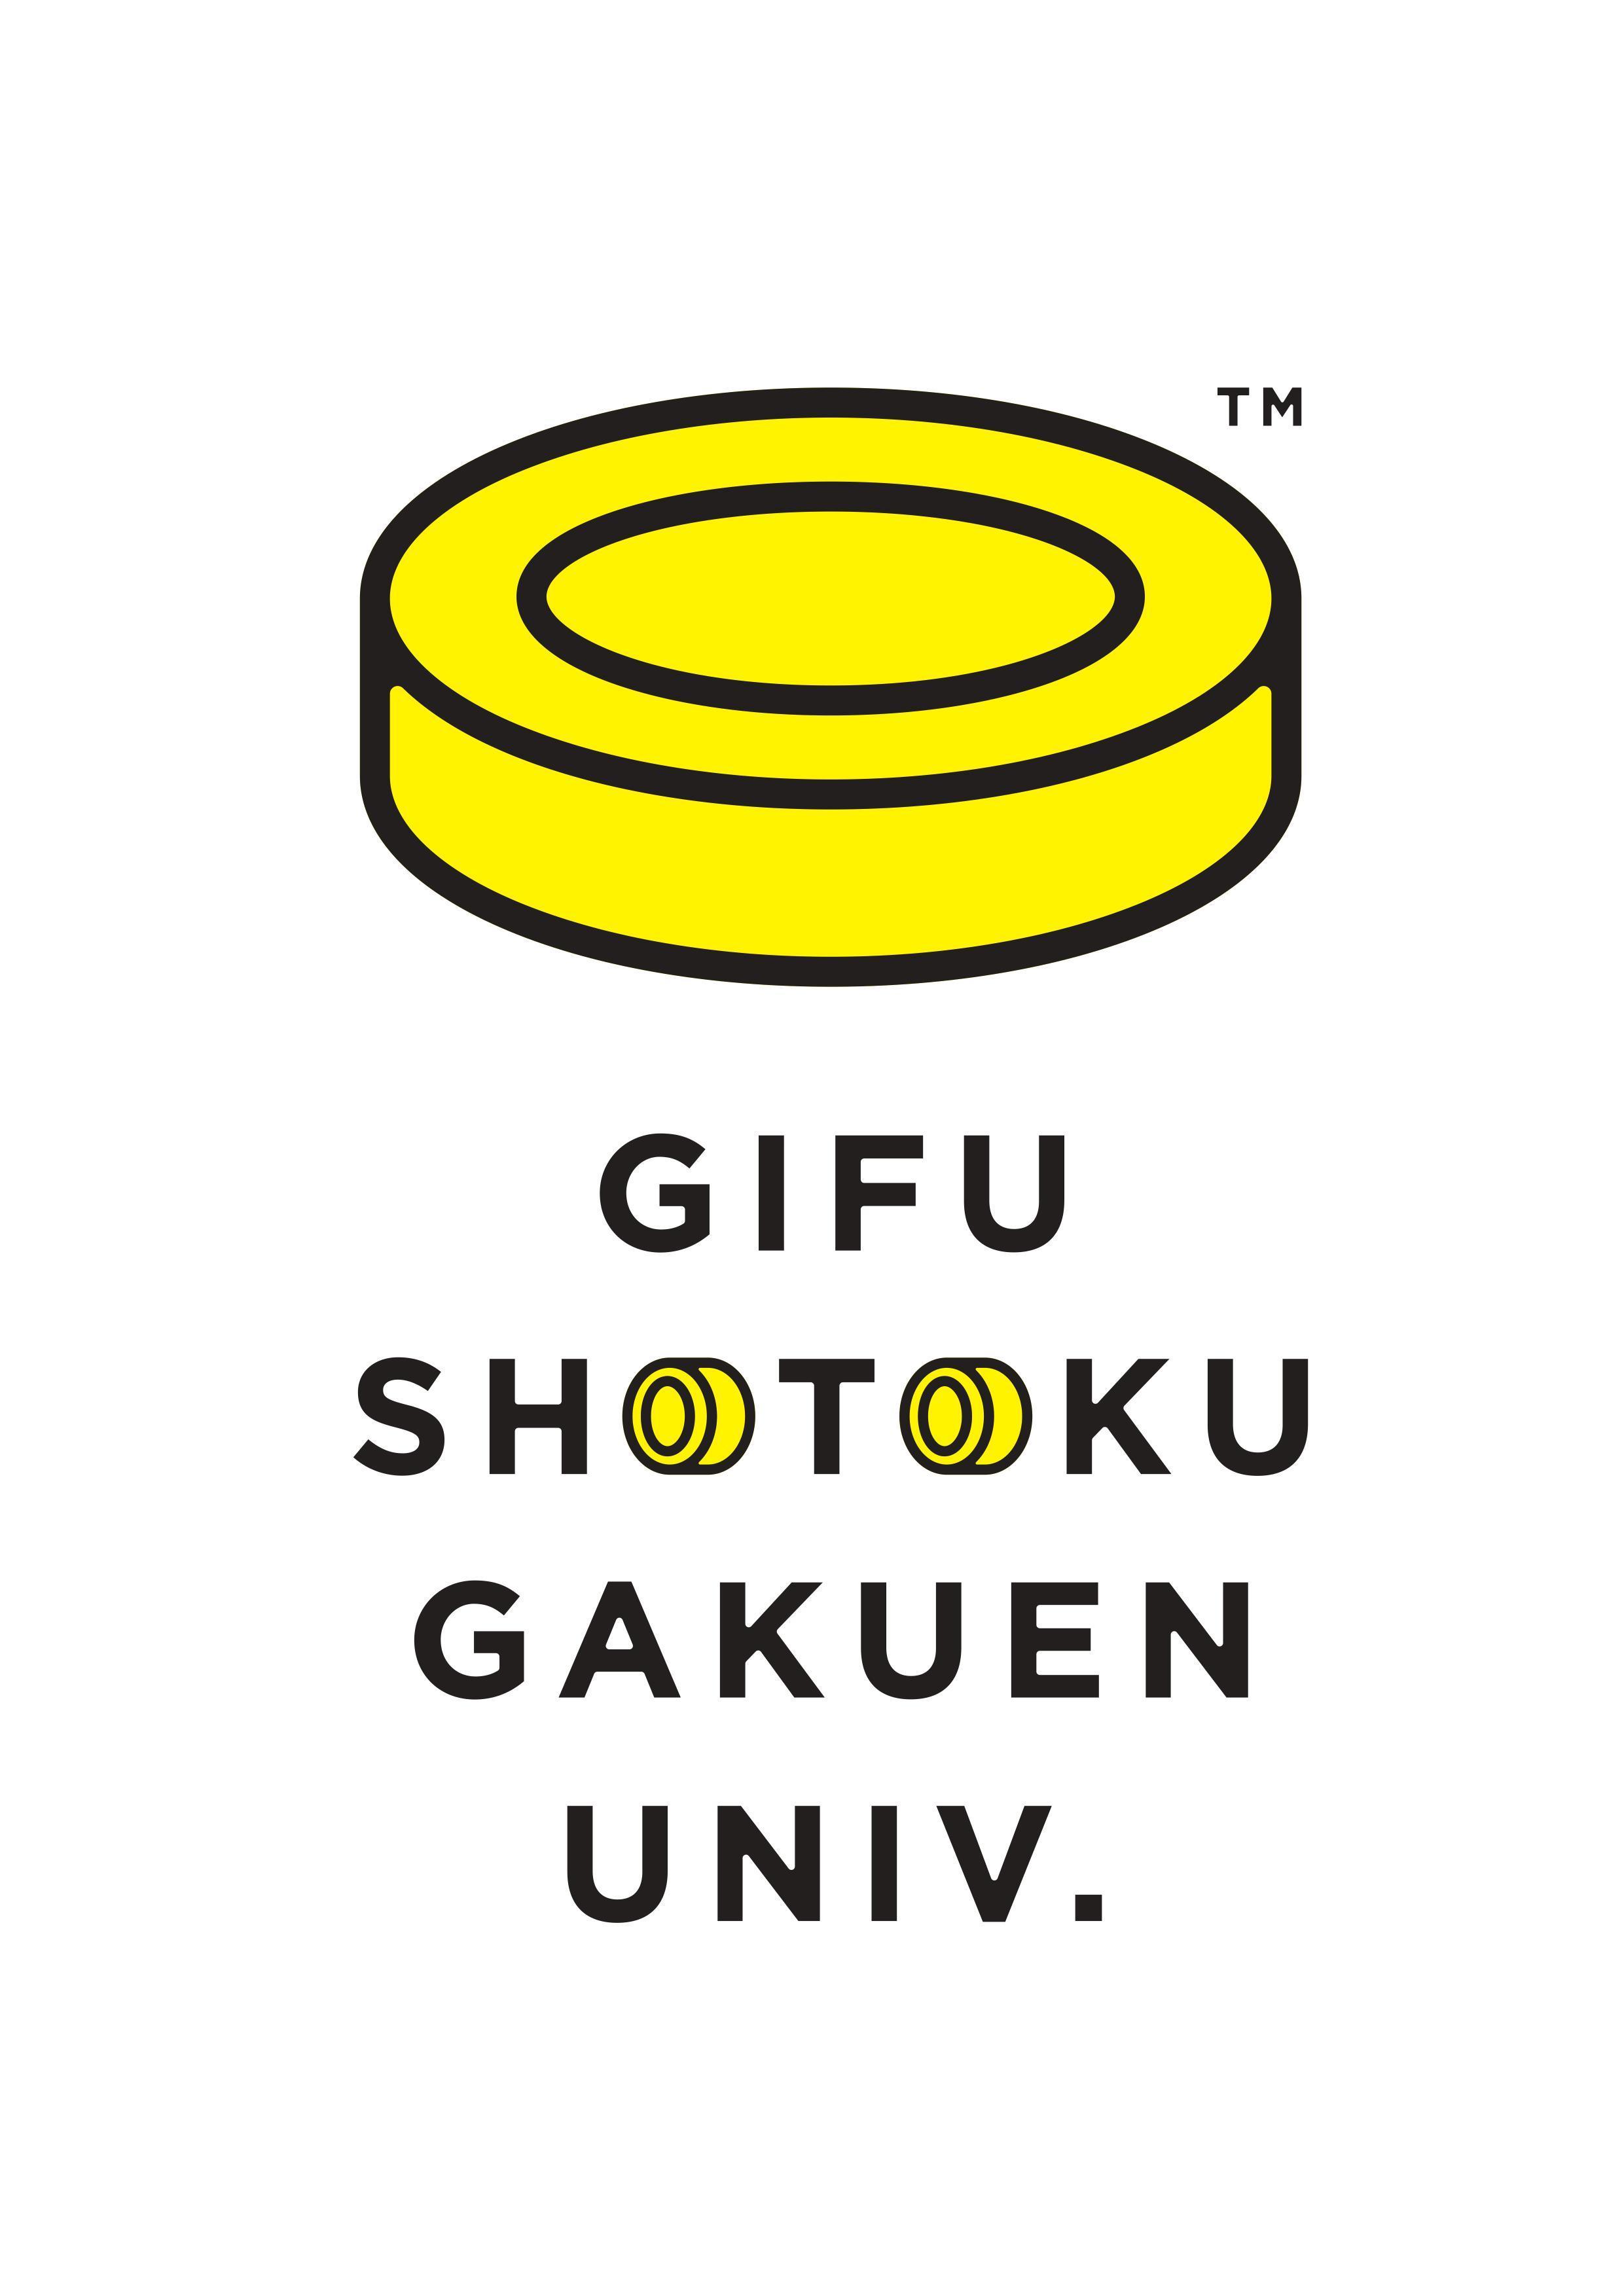 岐阜聖徳学園大学がコミュニケーションロゴを作成 -- 建学の精神「以和為貴」を親しみやすい形で表現